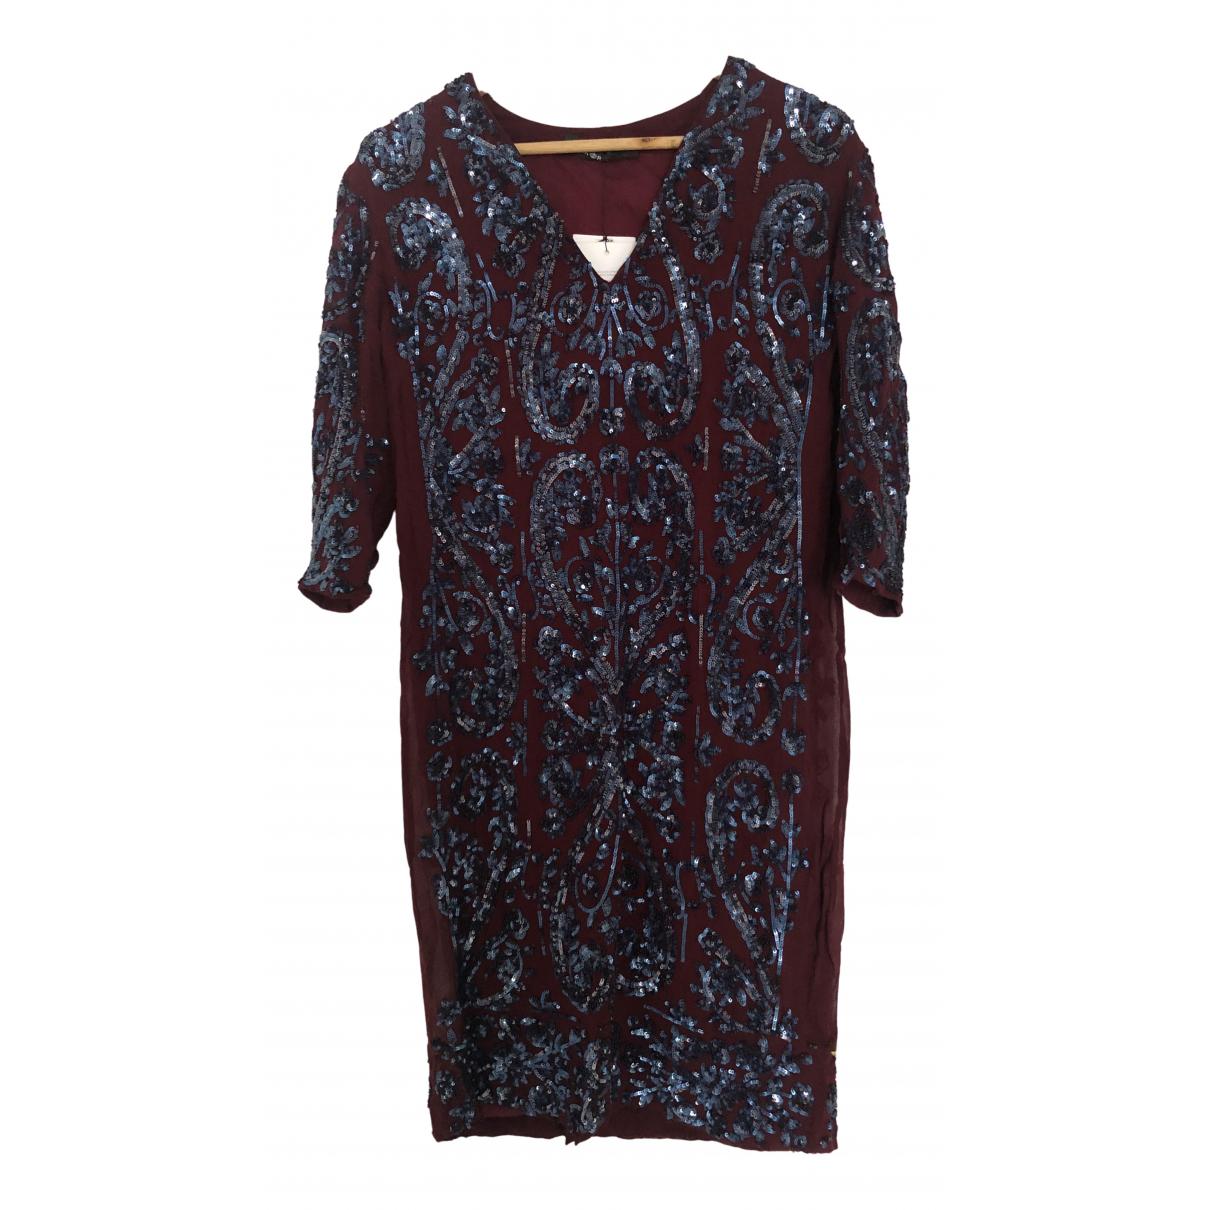 Antik Batik \N Kleid in  Bordeauxrot Baumwolle